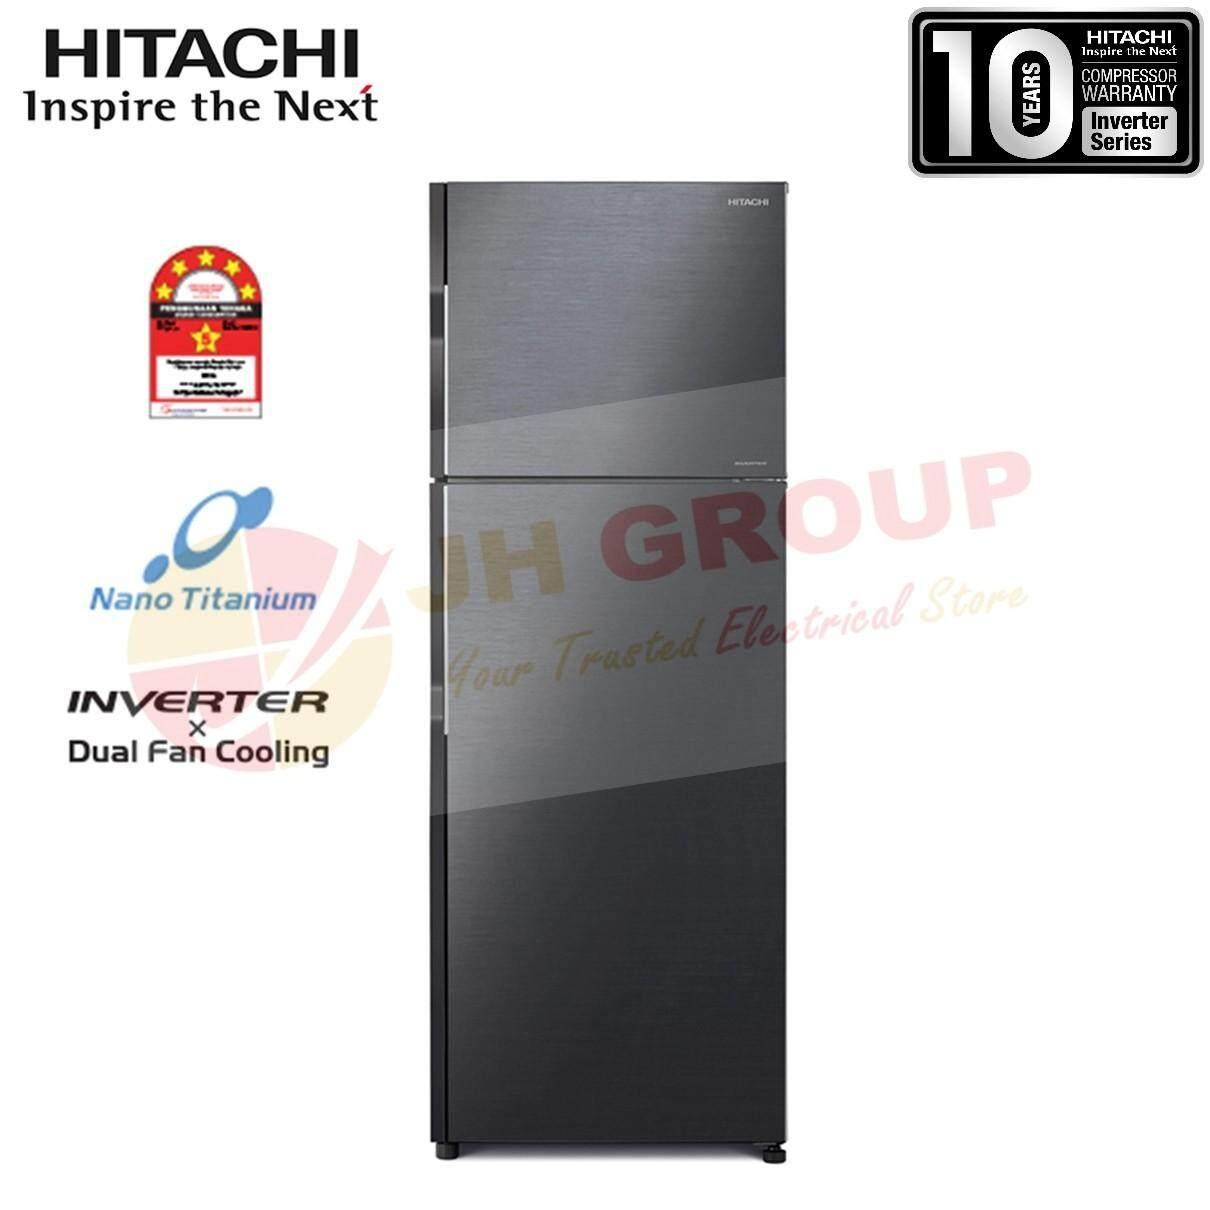 (AUTHORISED DEALER) HITACHI R-H270P7M BBK 253L INVERTER 2 DOOR REFRIGERATOR